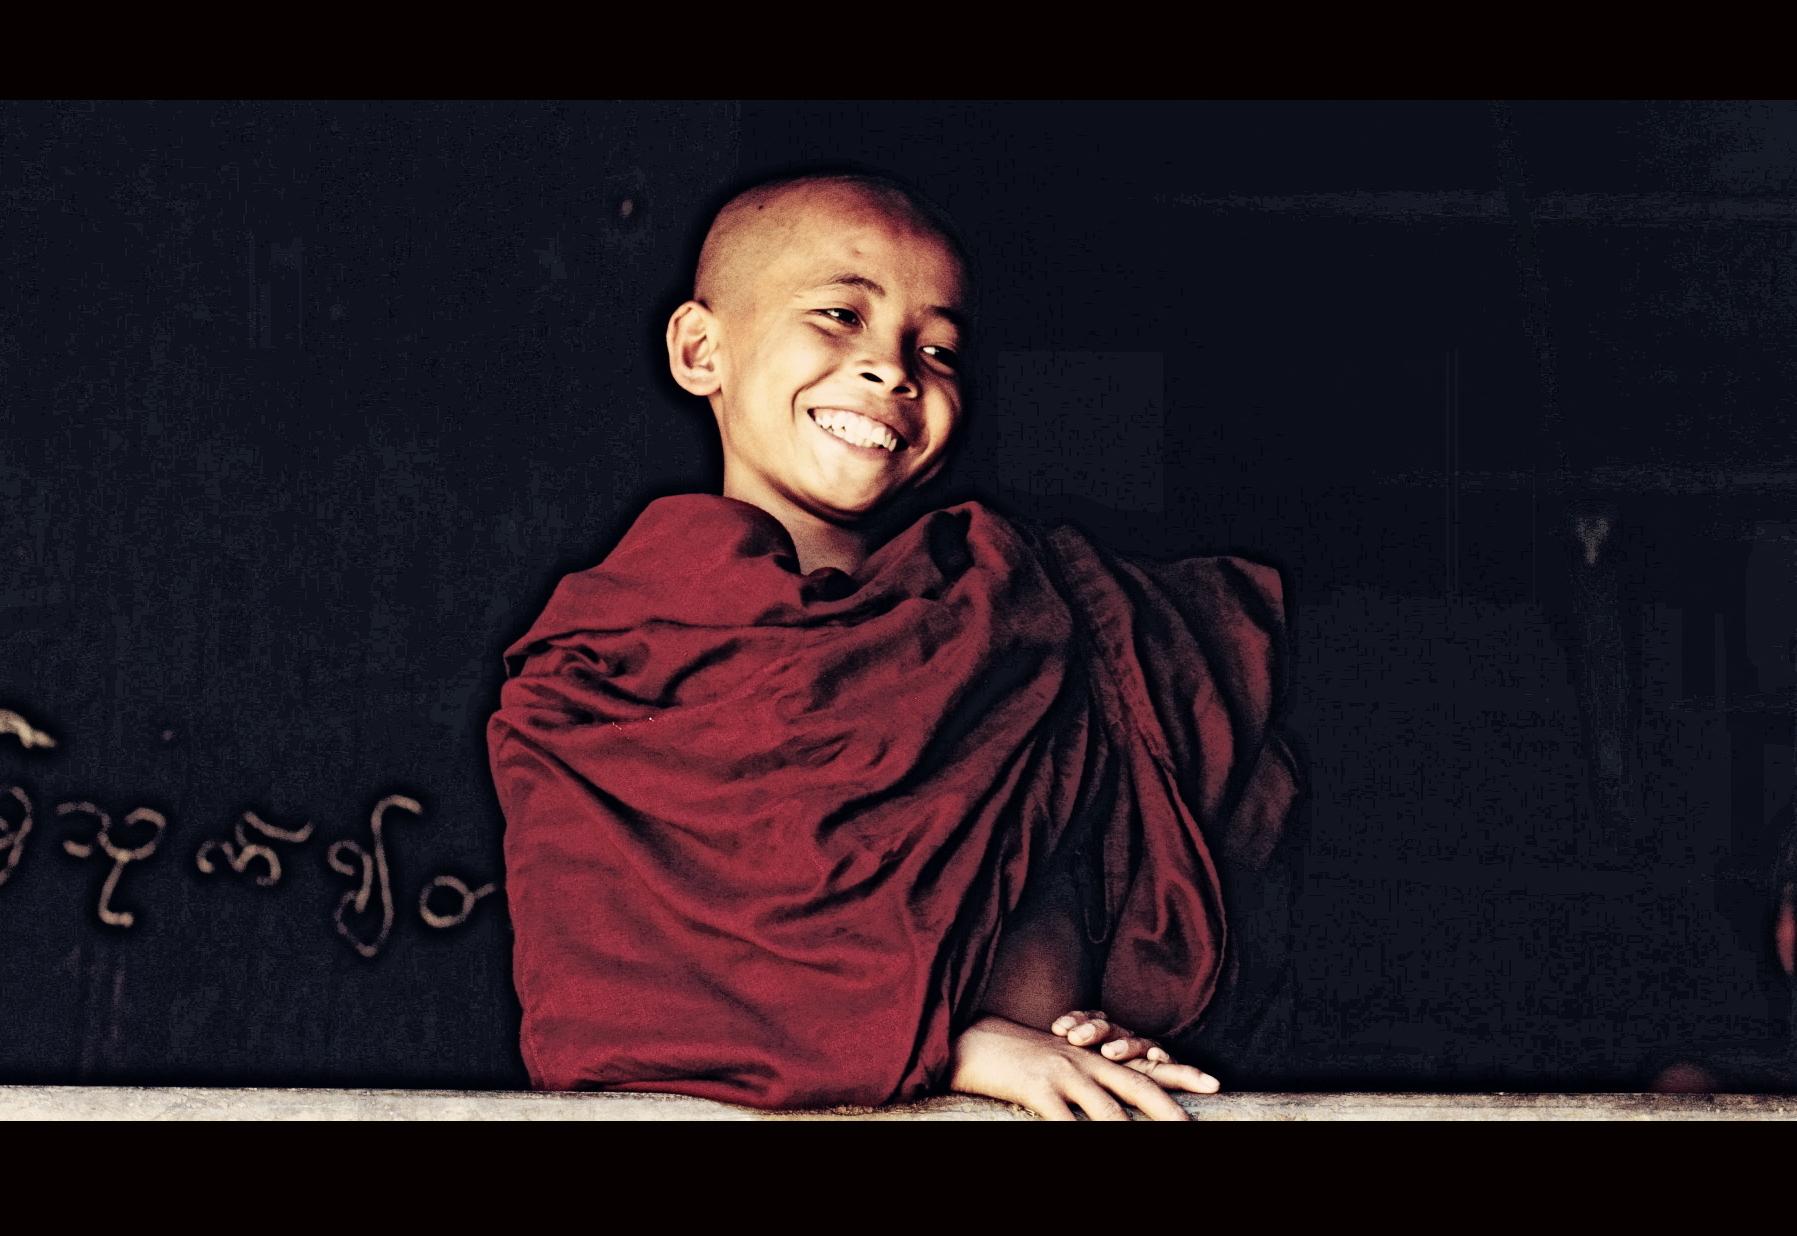 寺庙中快乐的沙弥, 茁壮地成长, 守着美好青春.